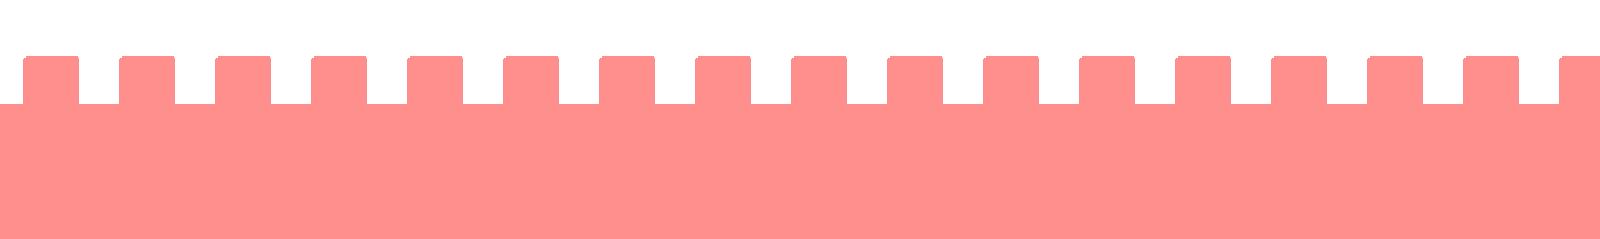 【オノマトペ】でこぼこの意味と例文